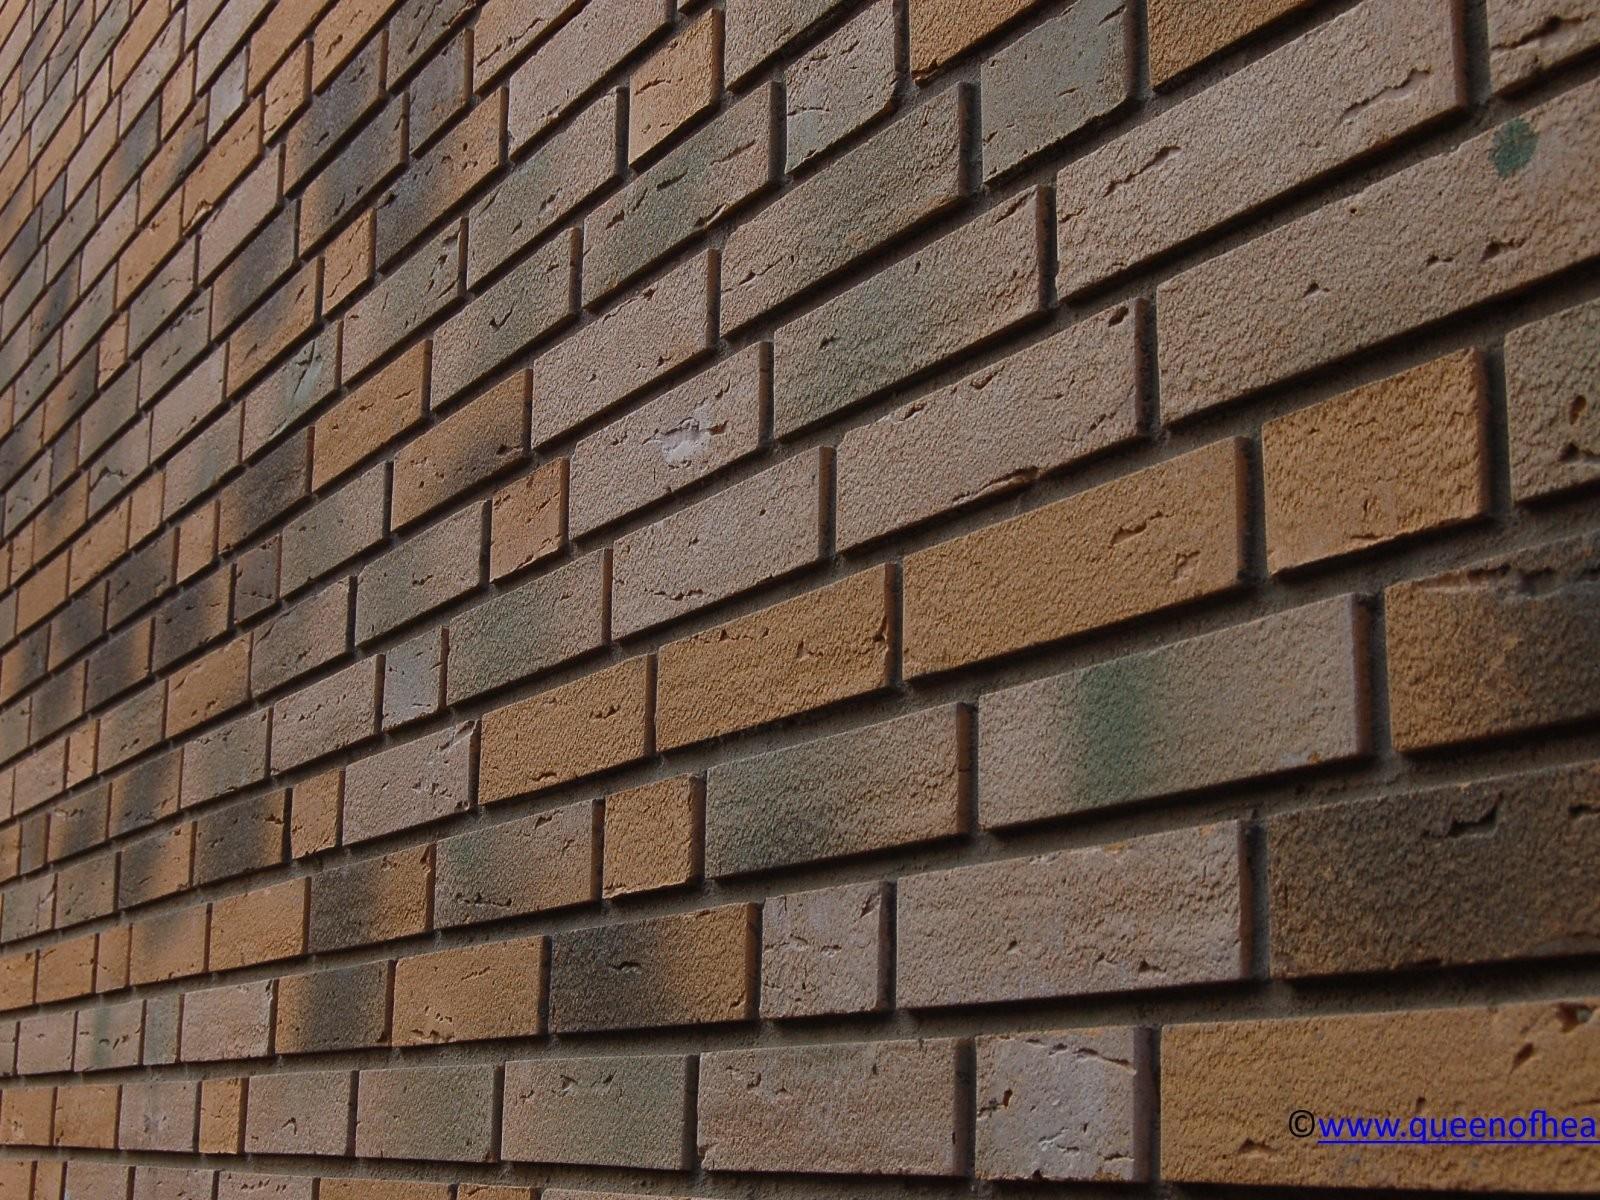 Briques de projet spéciales pour des appartements - Italiëlei - Haarlem